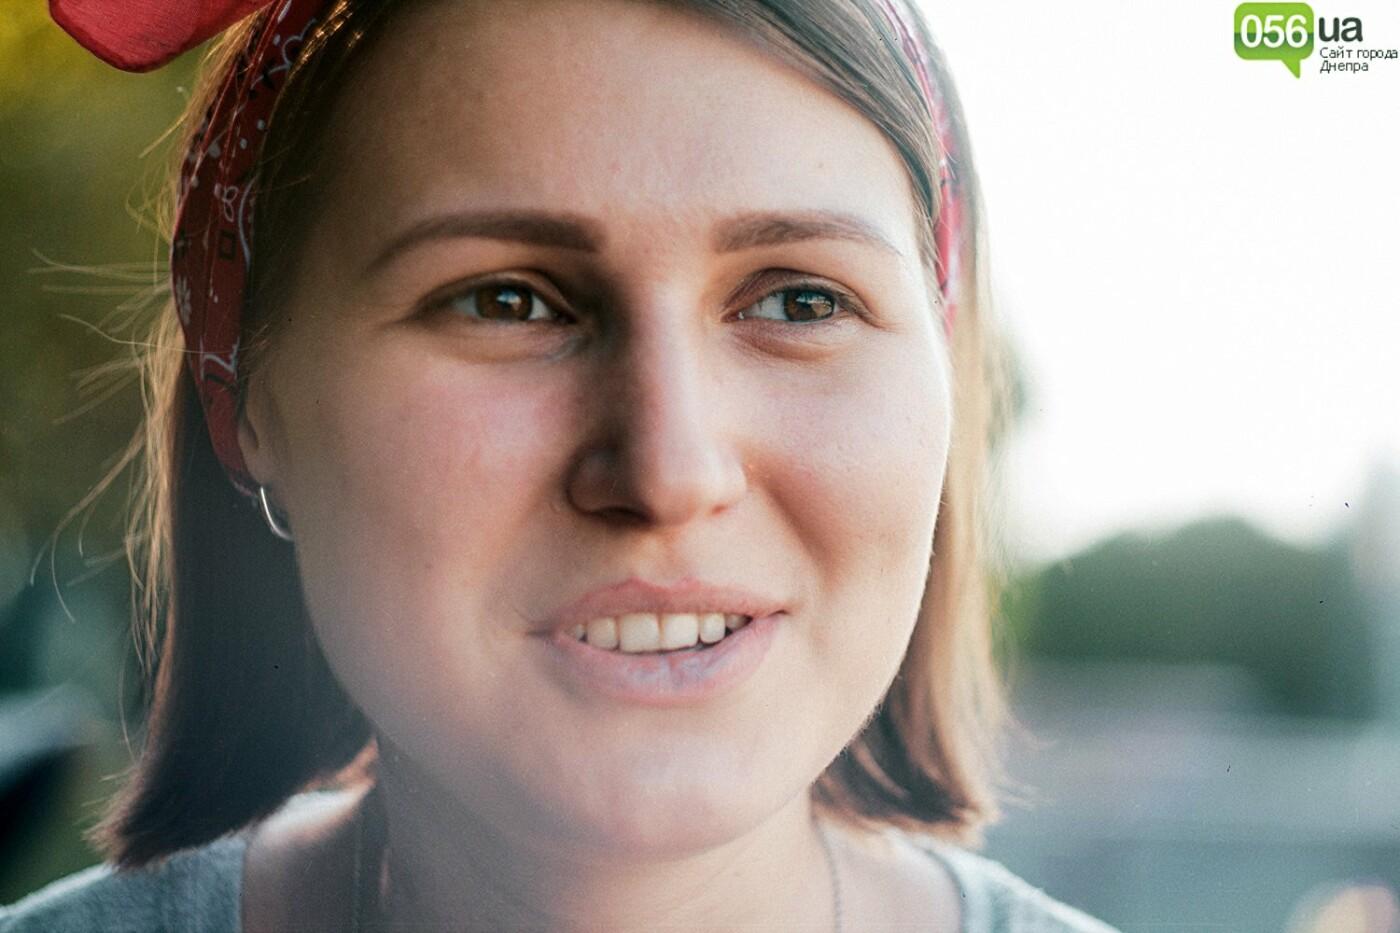 «Меня спрашивали: «А когда ты умрешь?», - днепрянка Катя Лебедь о борьбе с раком, сложностях химиотерапии и уверенности в своей победе, - ФОТО, фото-9